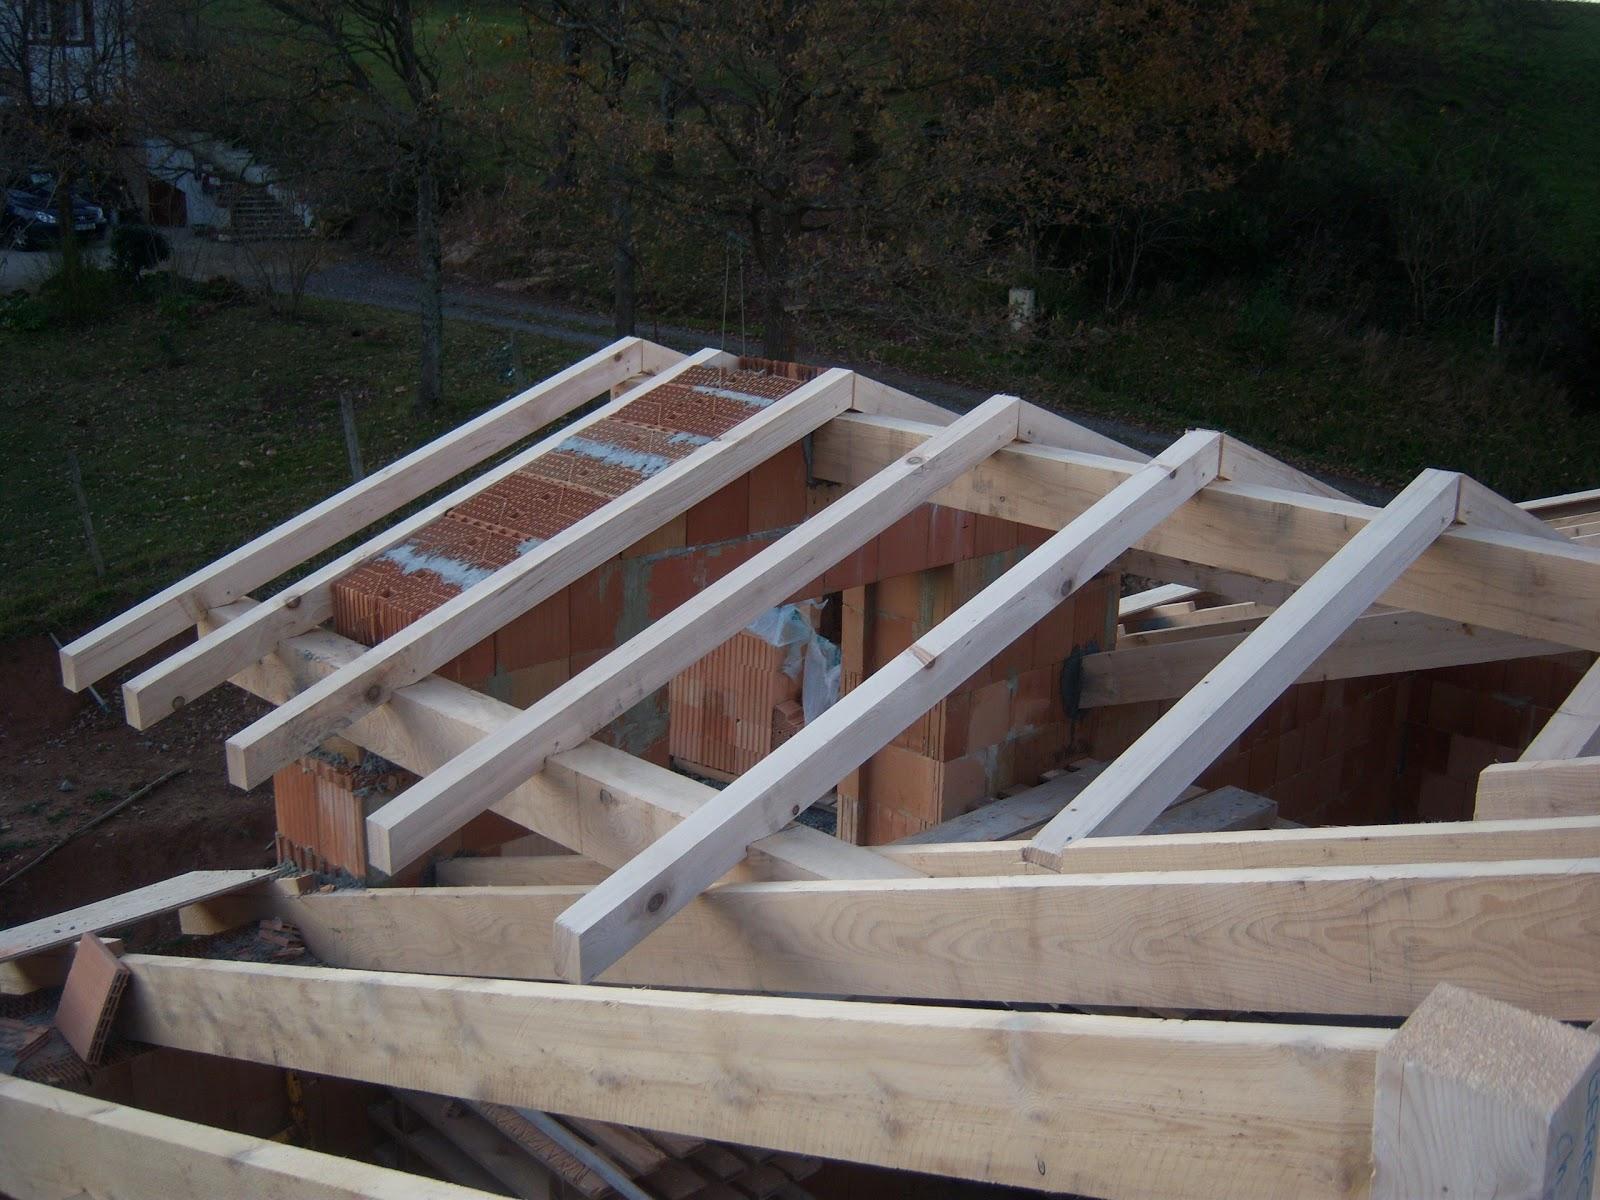 Andocarpinteando tejado con aislante de fibras de madera for Como hacer tejados de madera